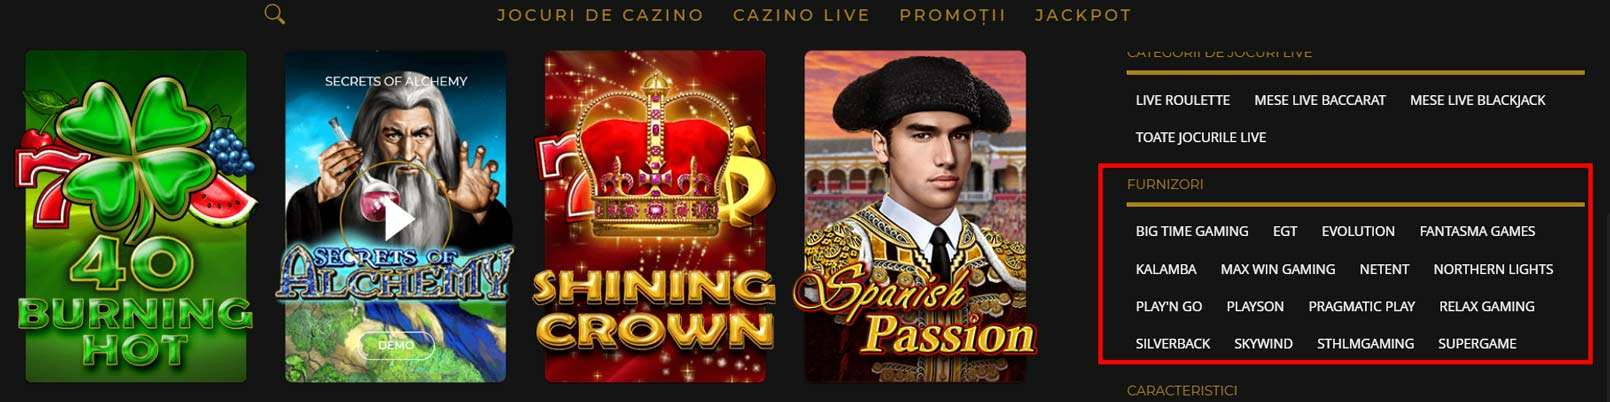 furnizori jocuri princess casino